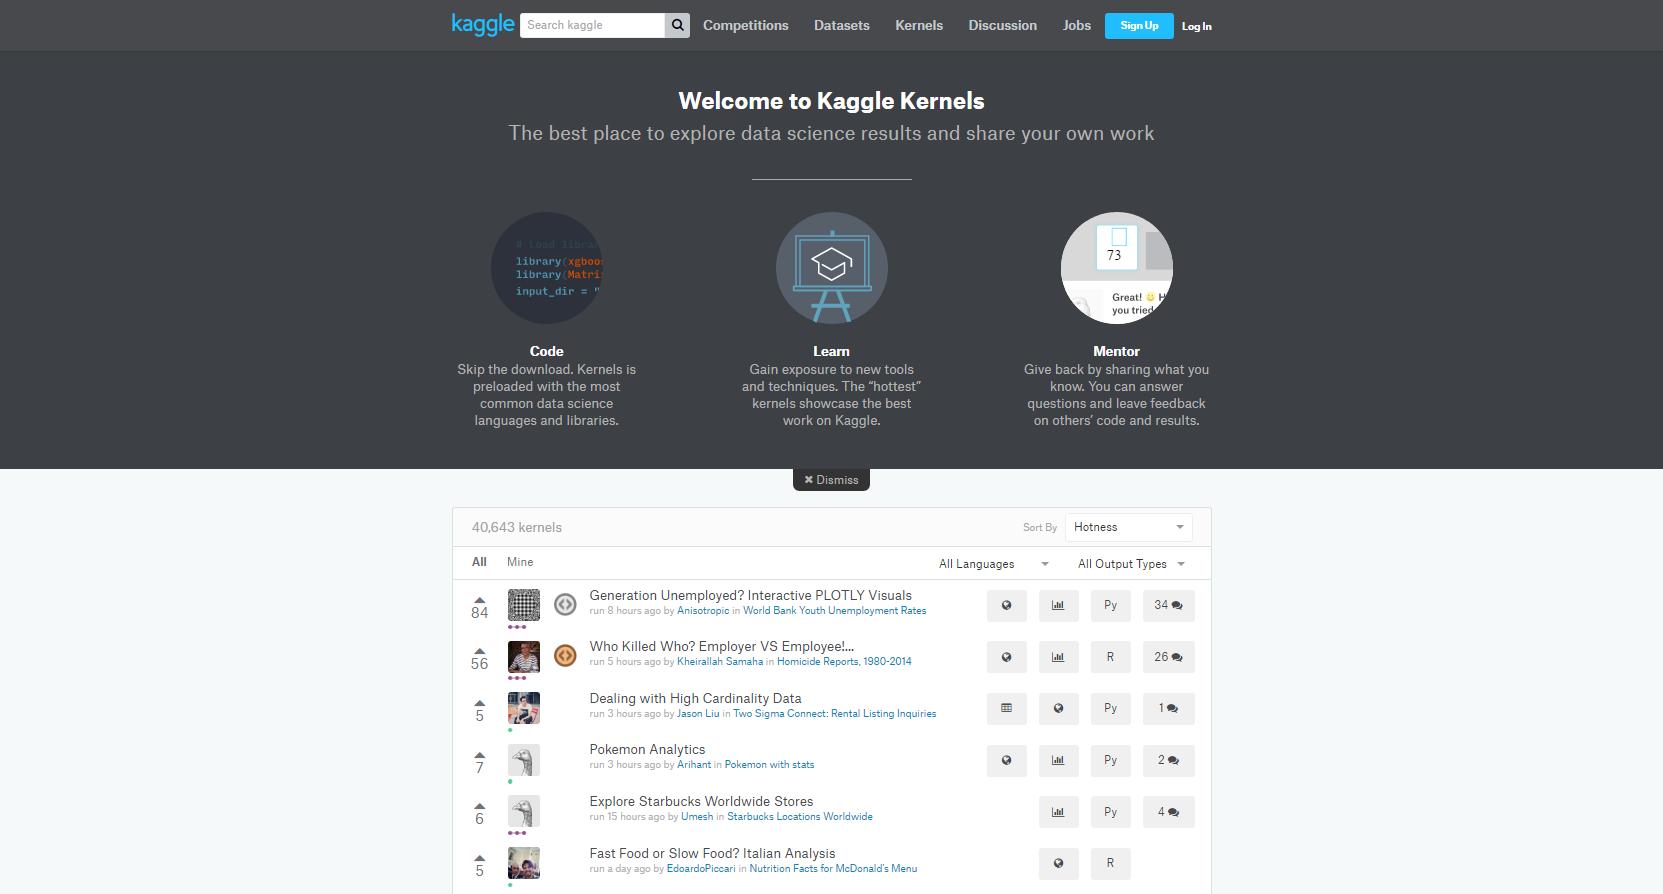 Kernels de Kaggle